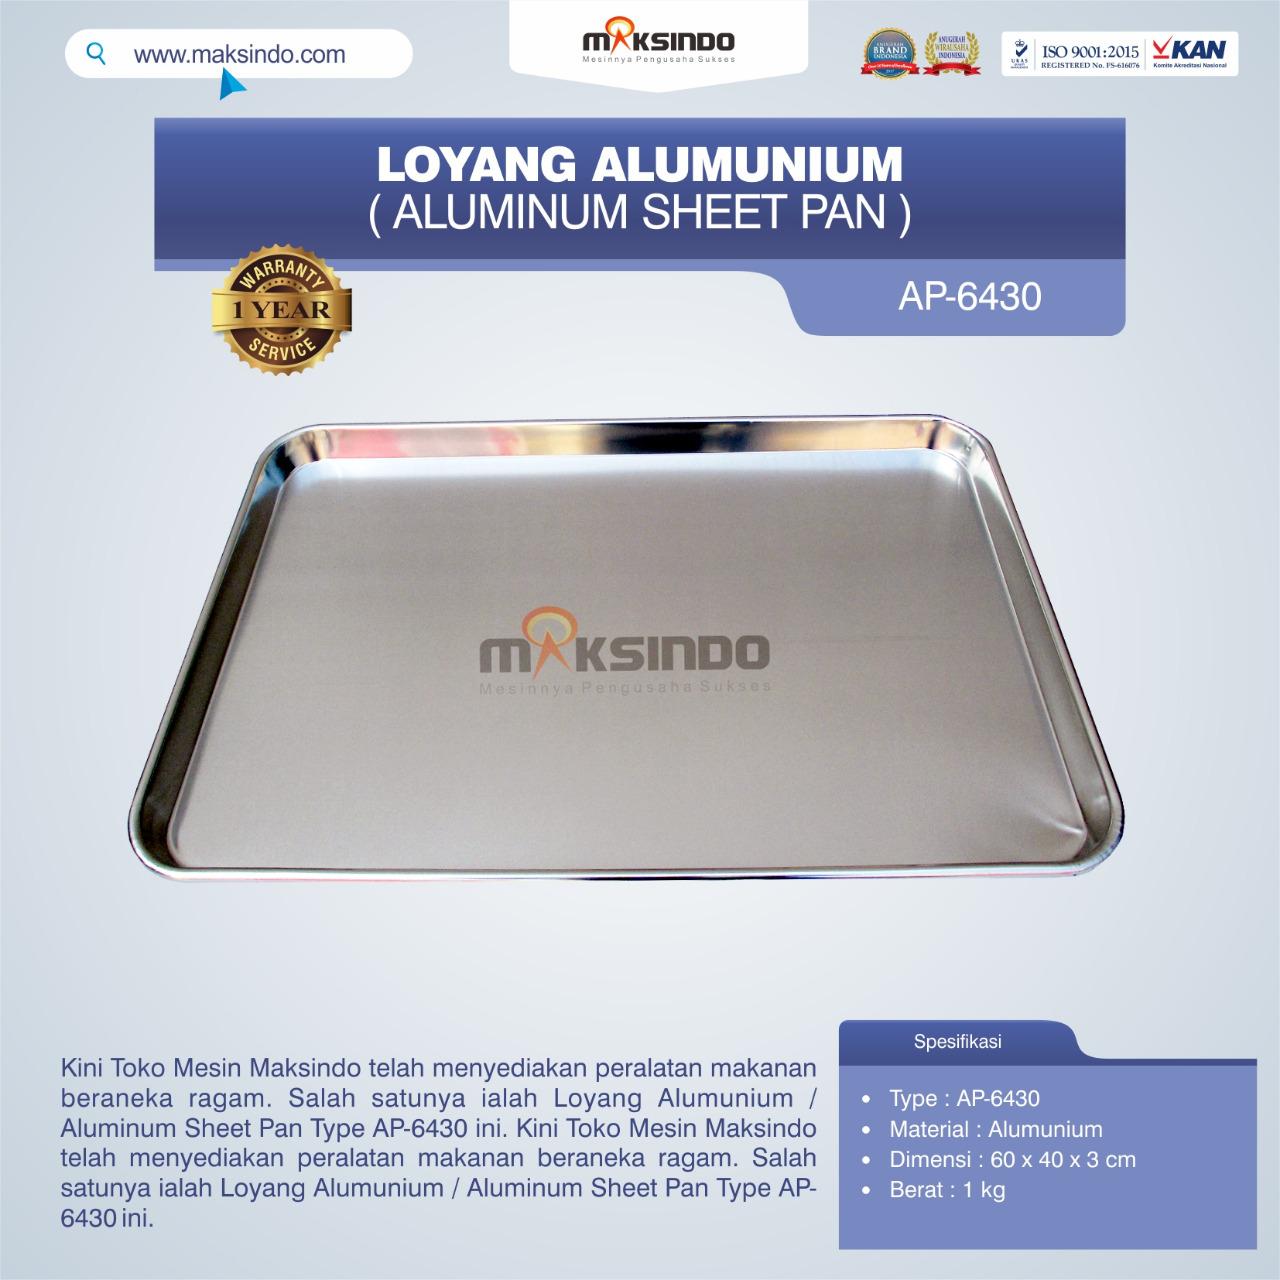 Jual Loyang Alumunium / Aluminum Sheet Pan Type AP-6430 di Tangerang